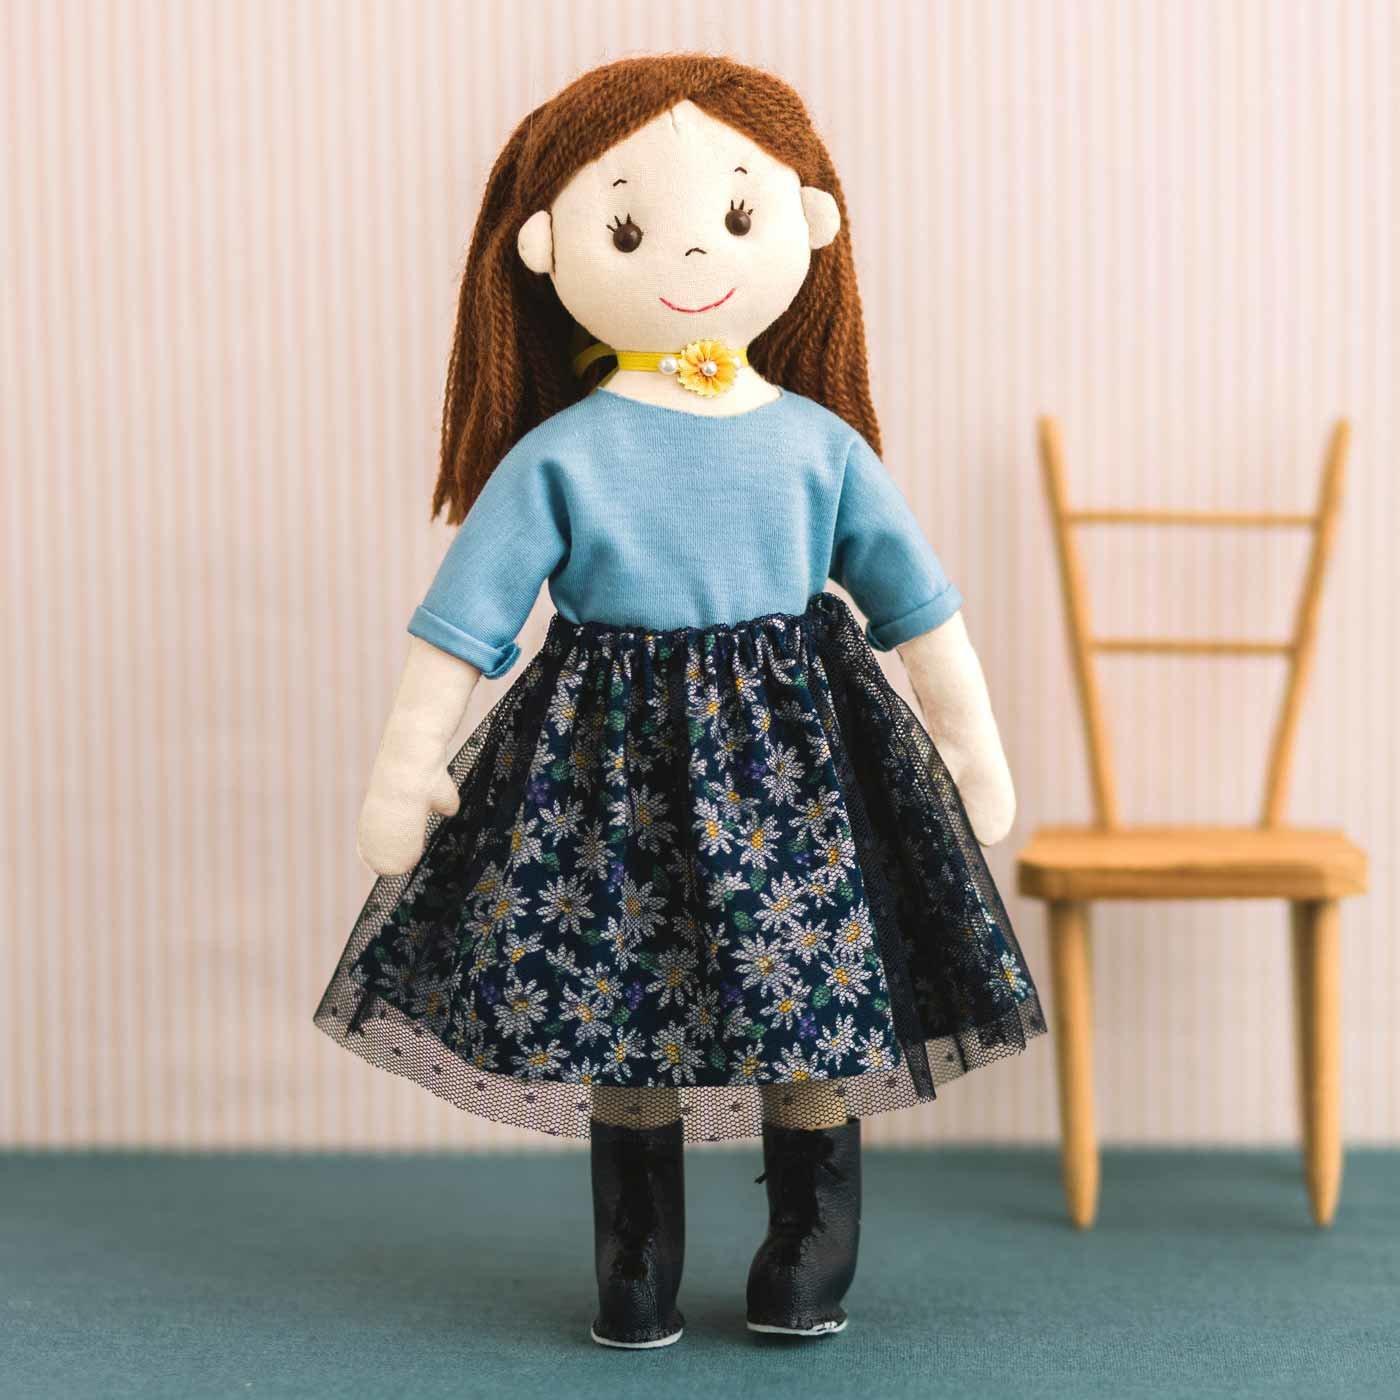 個性いっぱい 愛情たっぷり コーディネイトを楽しむ きせかえ人形のお洋服の会